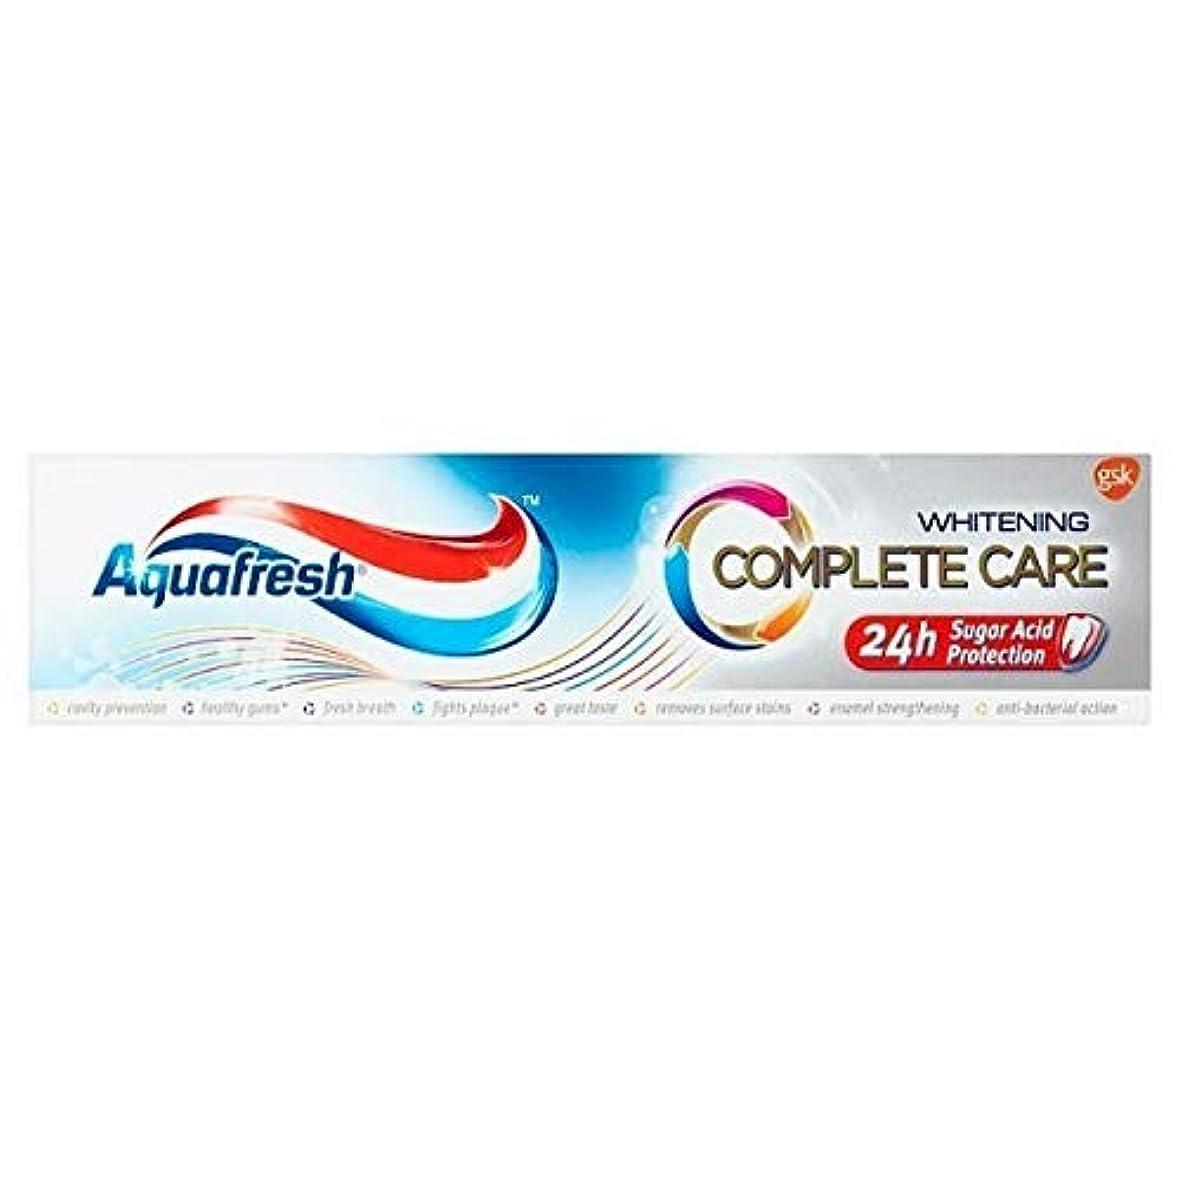 テナント繁栄する変換する[Aquafresh ] アクアフレッシュ完全なケア美白100ミリリットル - Aquafresh Complete Care Whitening 100ml [並行輸入品]